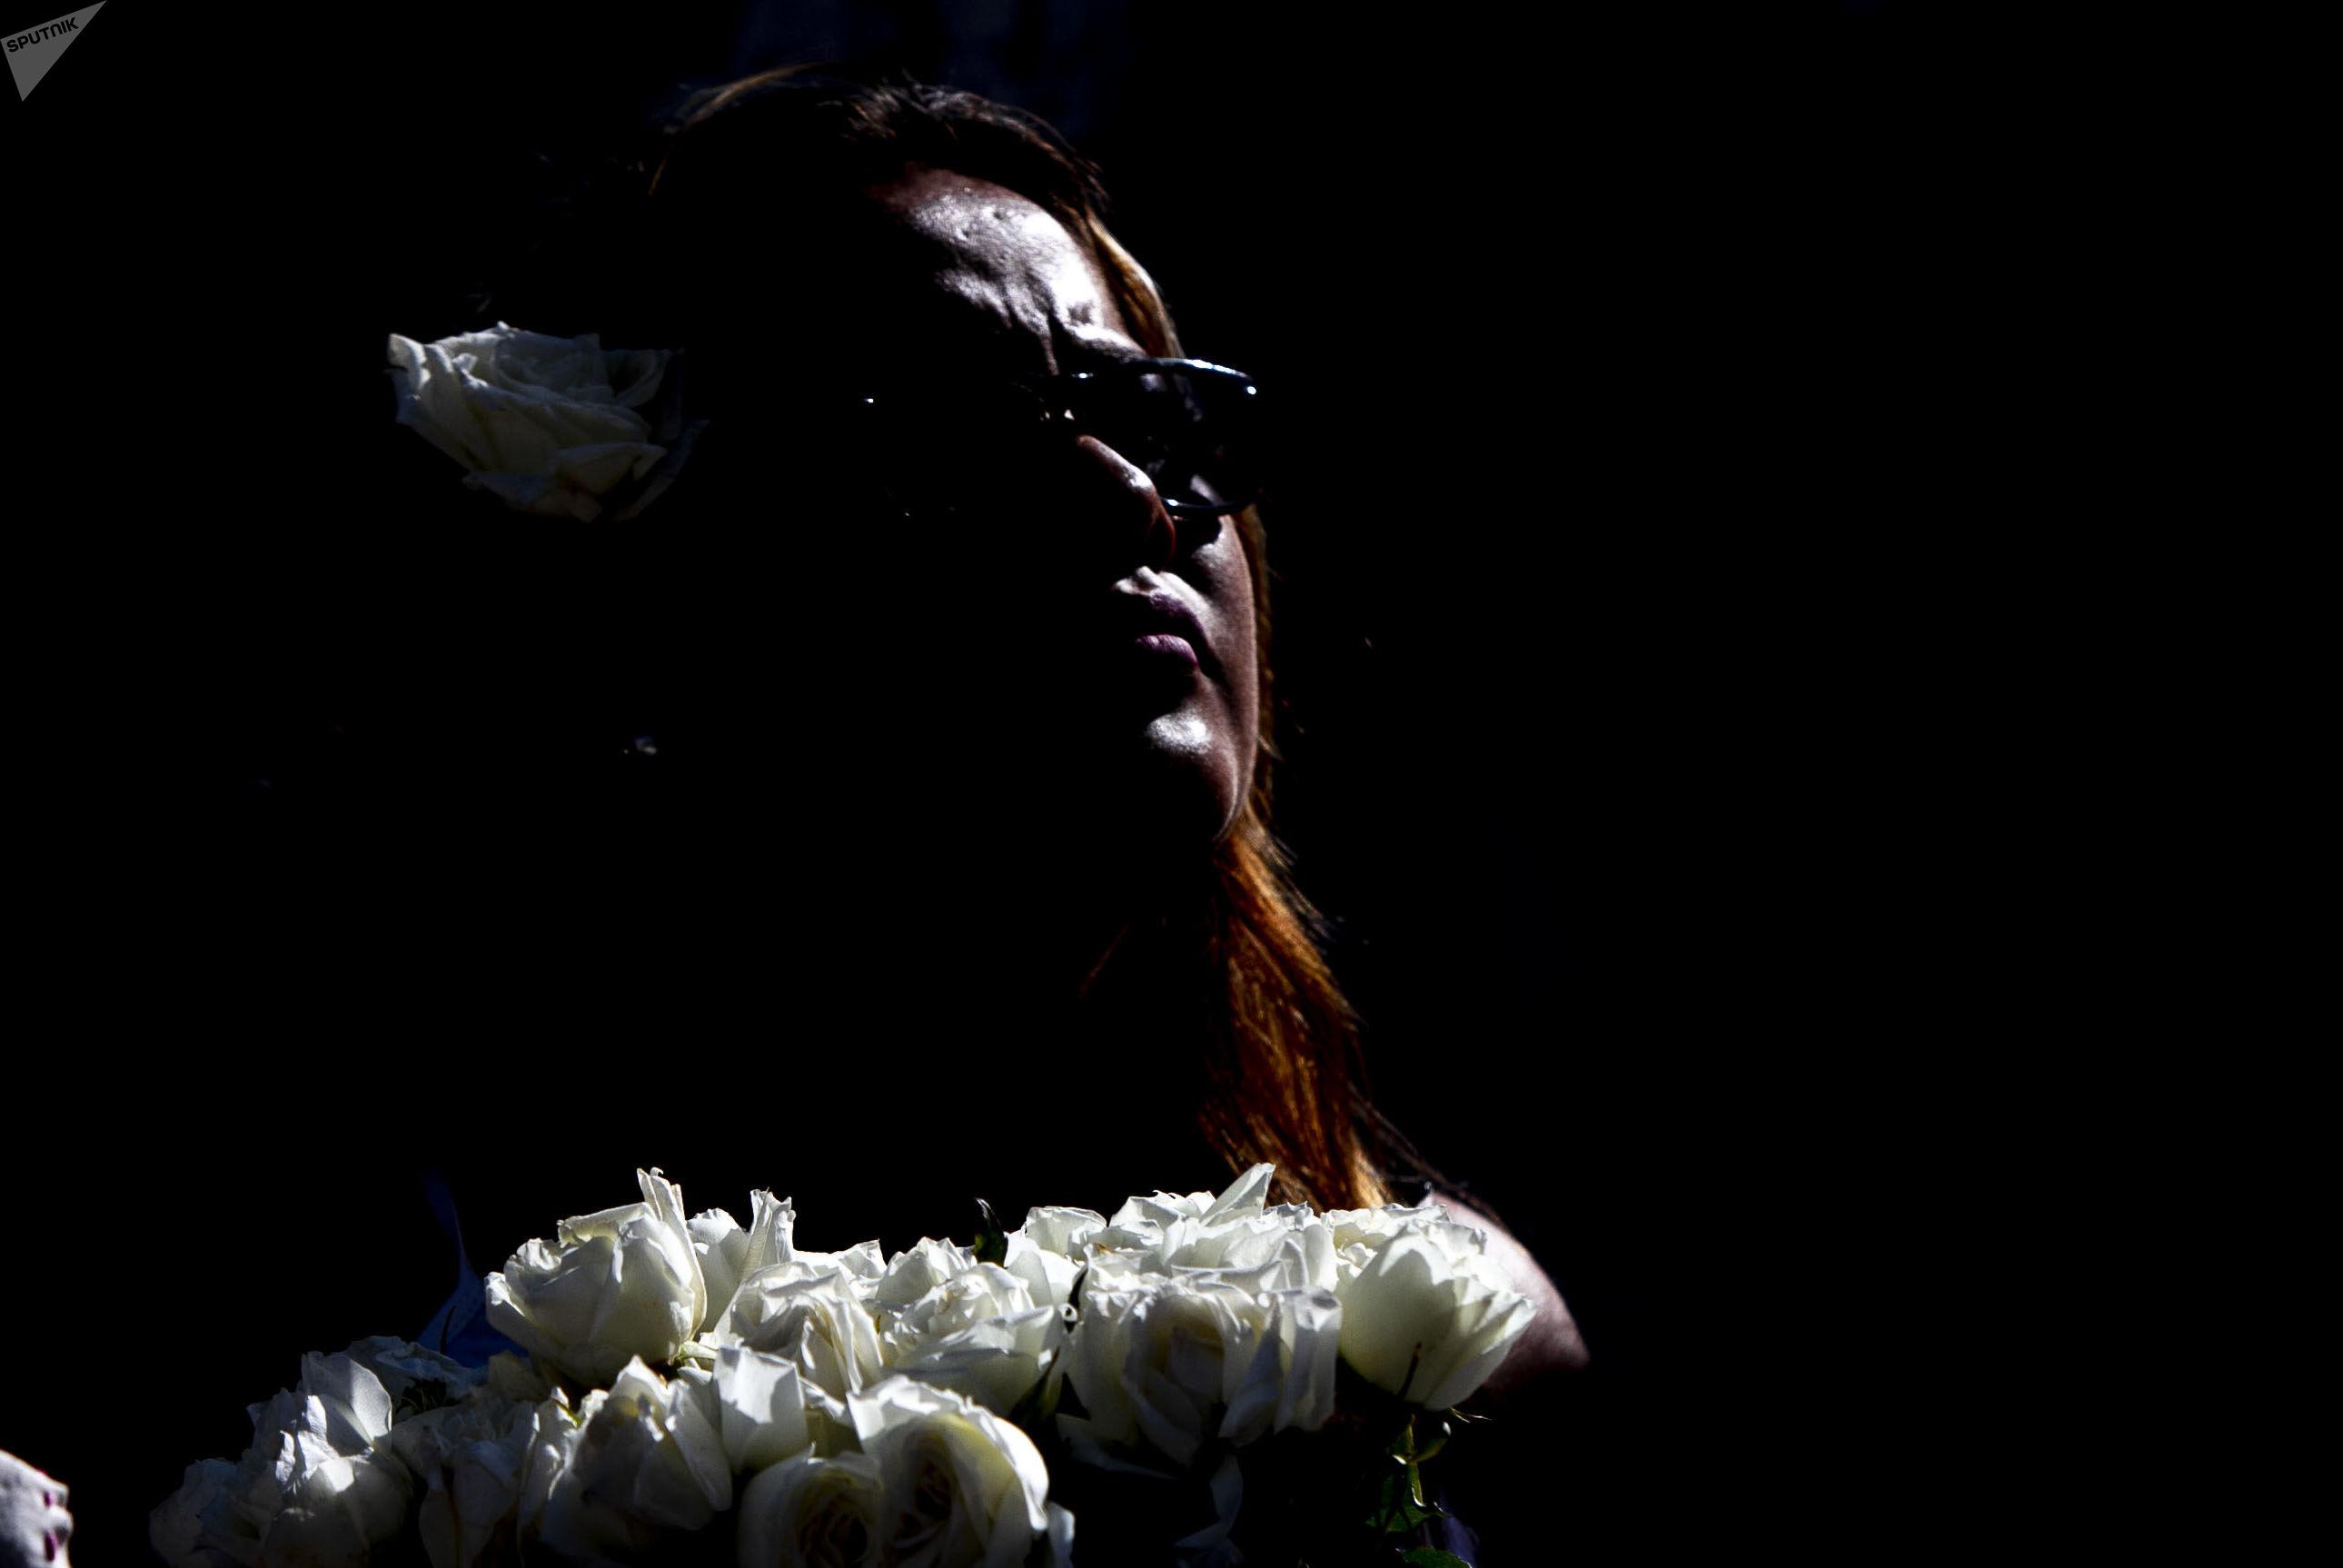 Asistente a la caravana contra los feminicidios en Ecatepec, Estado de México